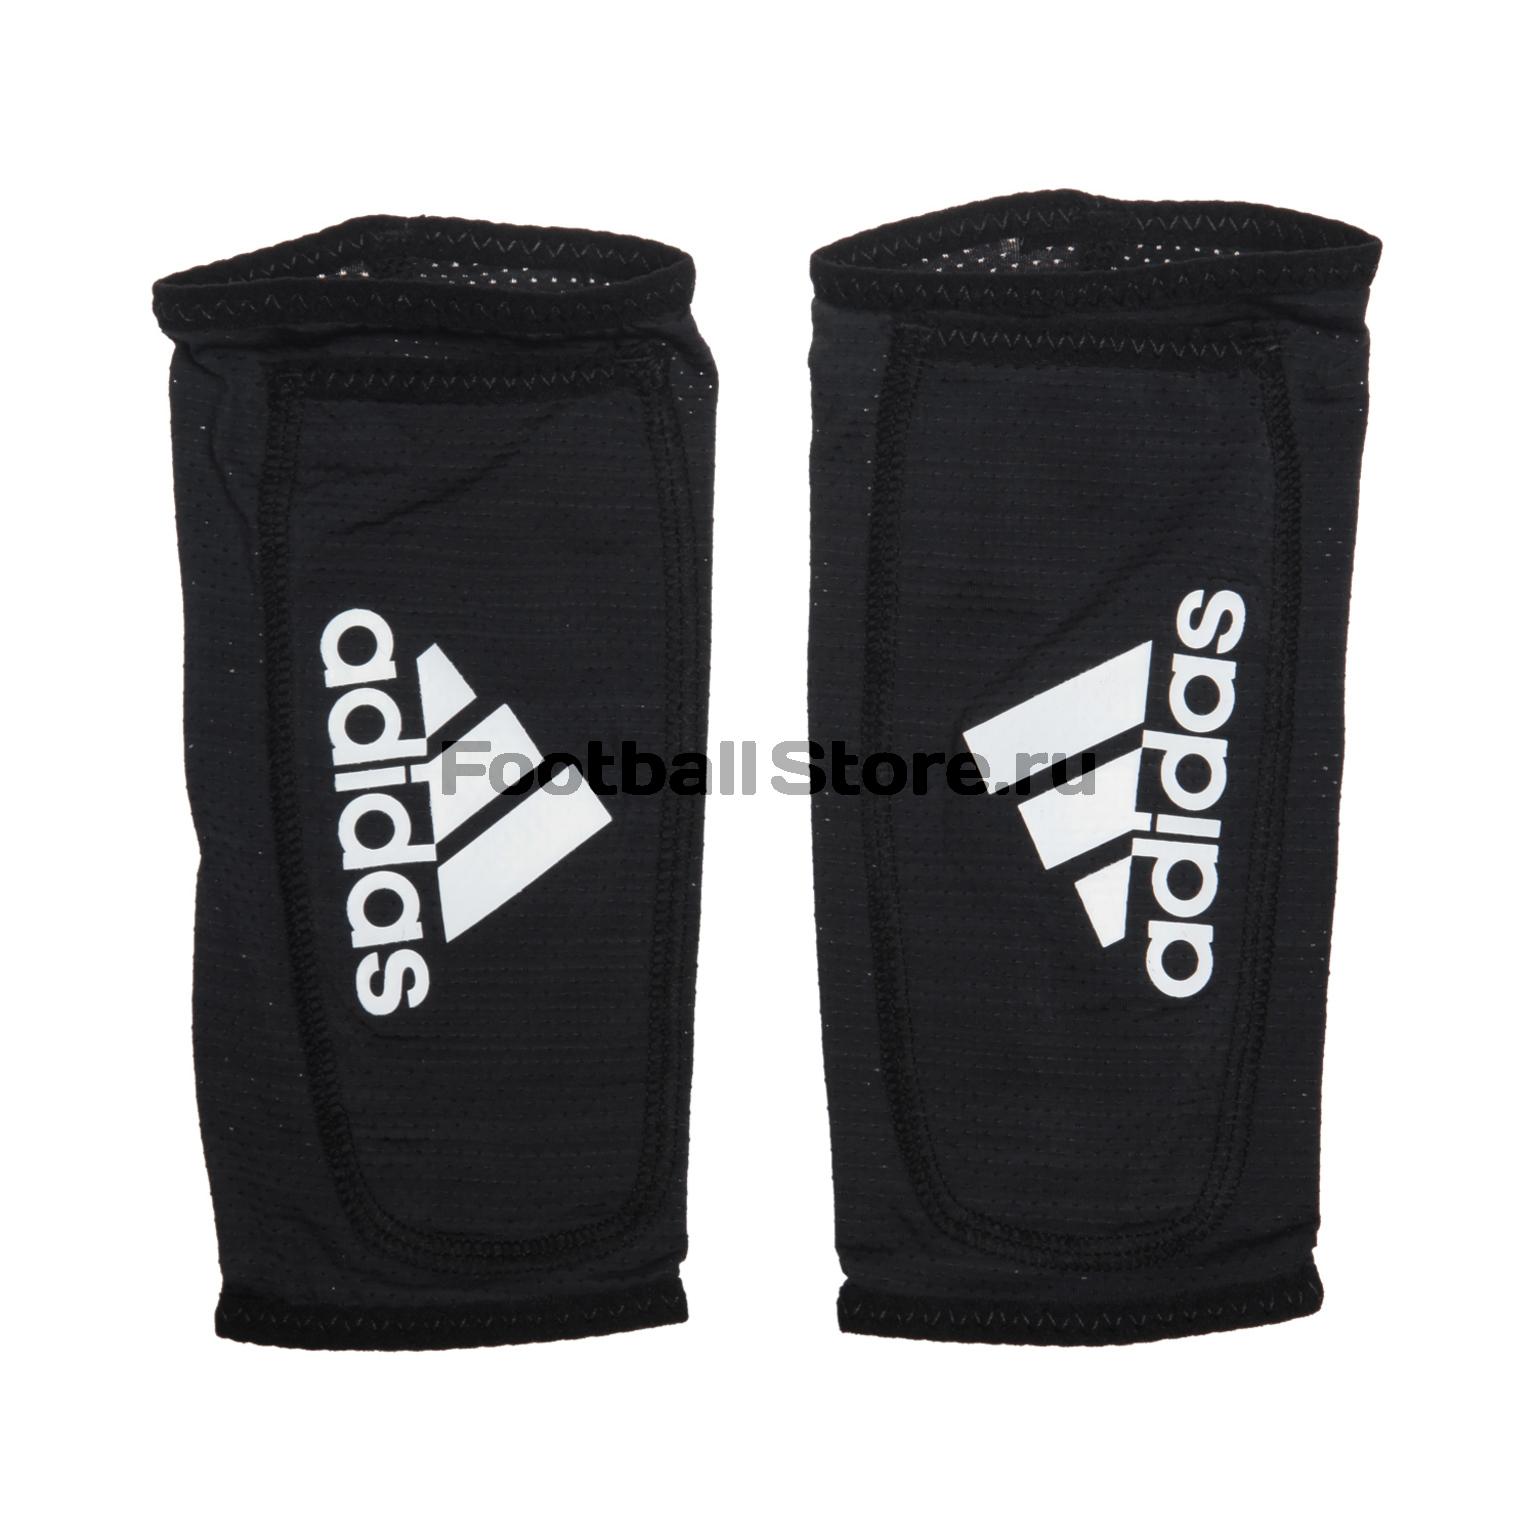 Защита ног Adidas Чулки футбольные Adidas Classic Sleeve AZ9877 чулки женские свадьба